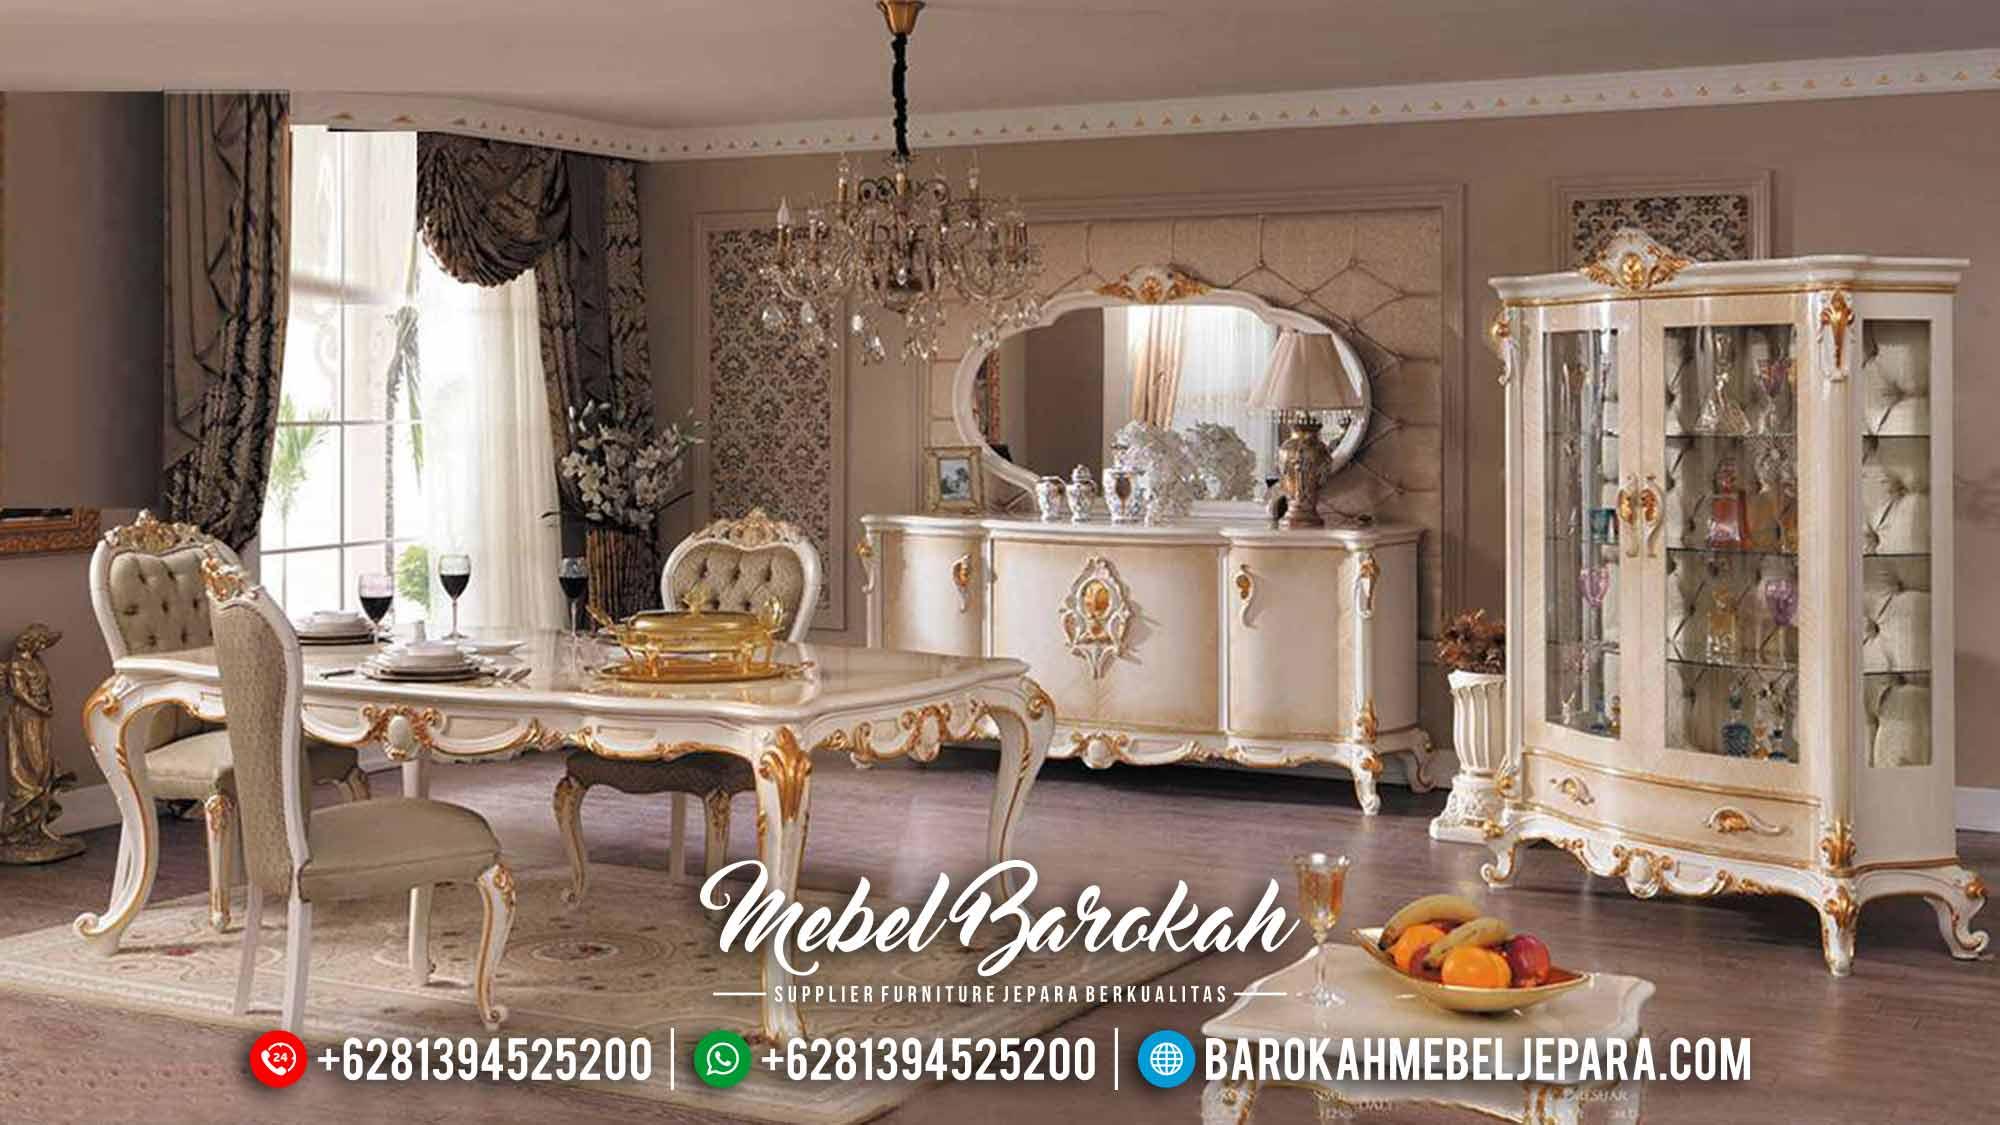 Elegant Type Meja Makan Mewah 6 Kursi Luxury Carving Mebel Jepara Terbaru MB-0556